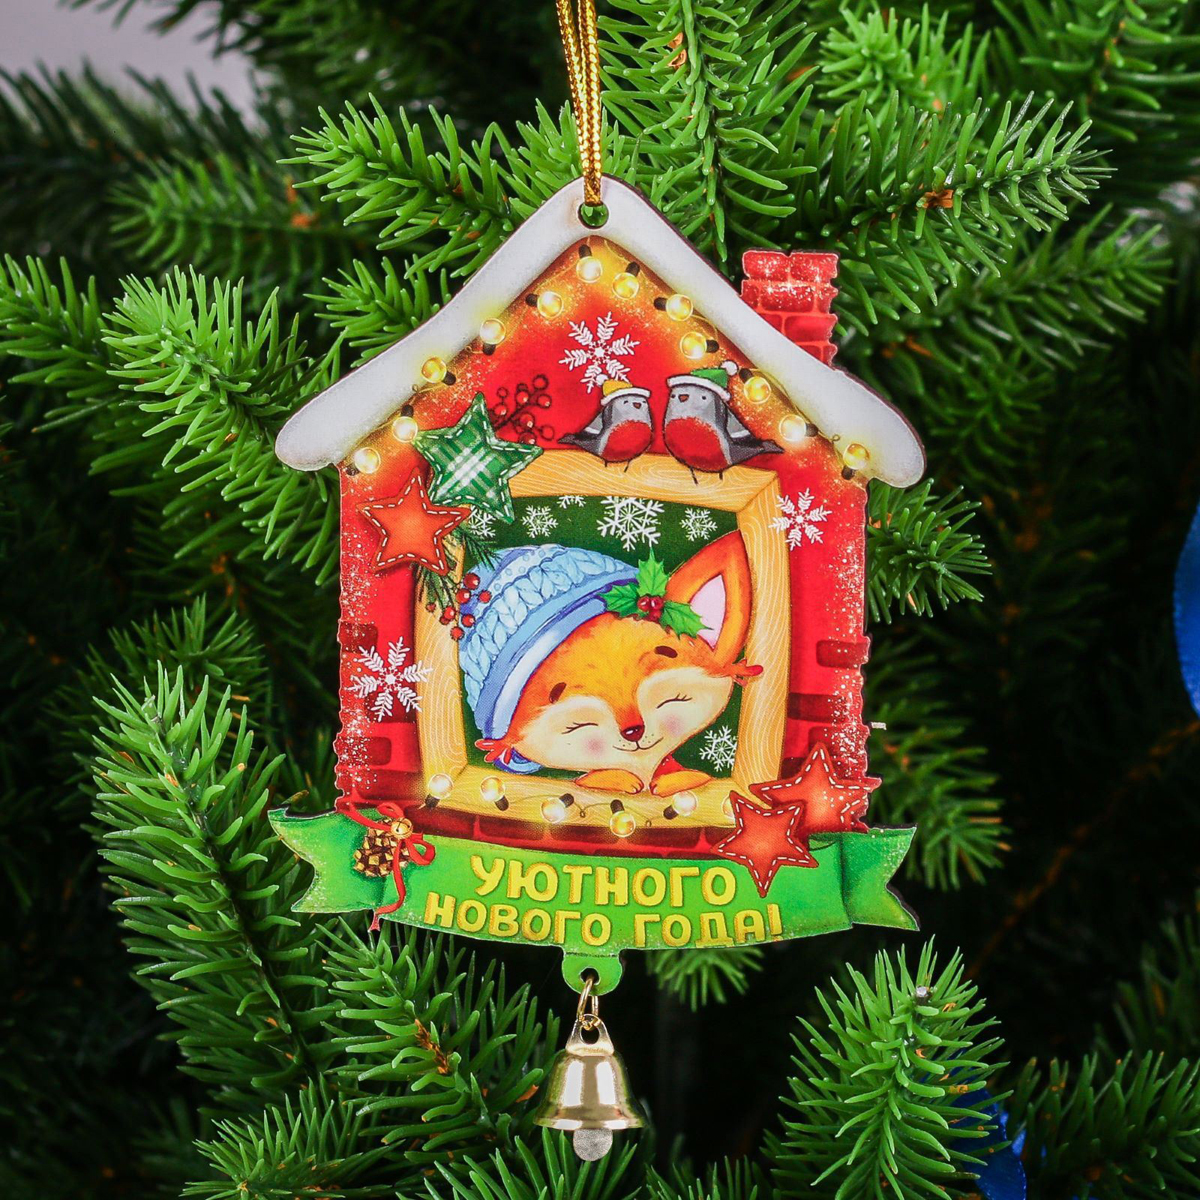 Украшение новогоднее подвесное Уютного Нового года, 7,1 х 8,9 см2252489Как приятно преображать жилище в предвкушении Нового года и Рождества! На вашей елке обязательно найдется место для этих ярких подвесок. Красочные деревянные украшения будут долгие годы радовать вас оригинальным дизайном. Купив данный сувенир для себя, не забудьте преподнести один родным, близким или коллегам.